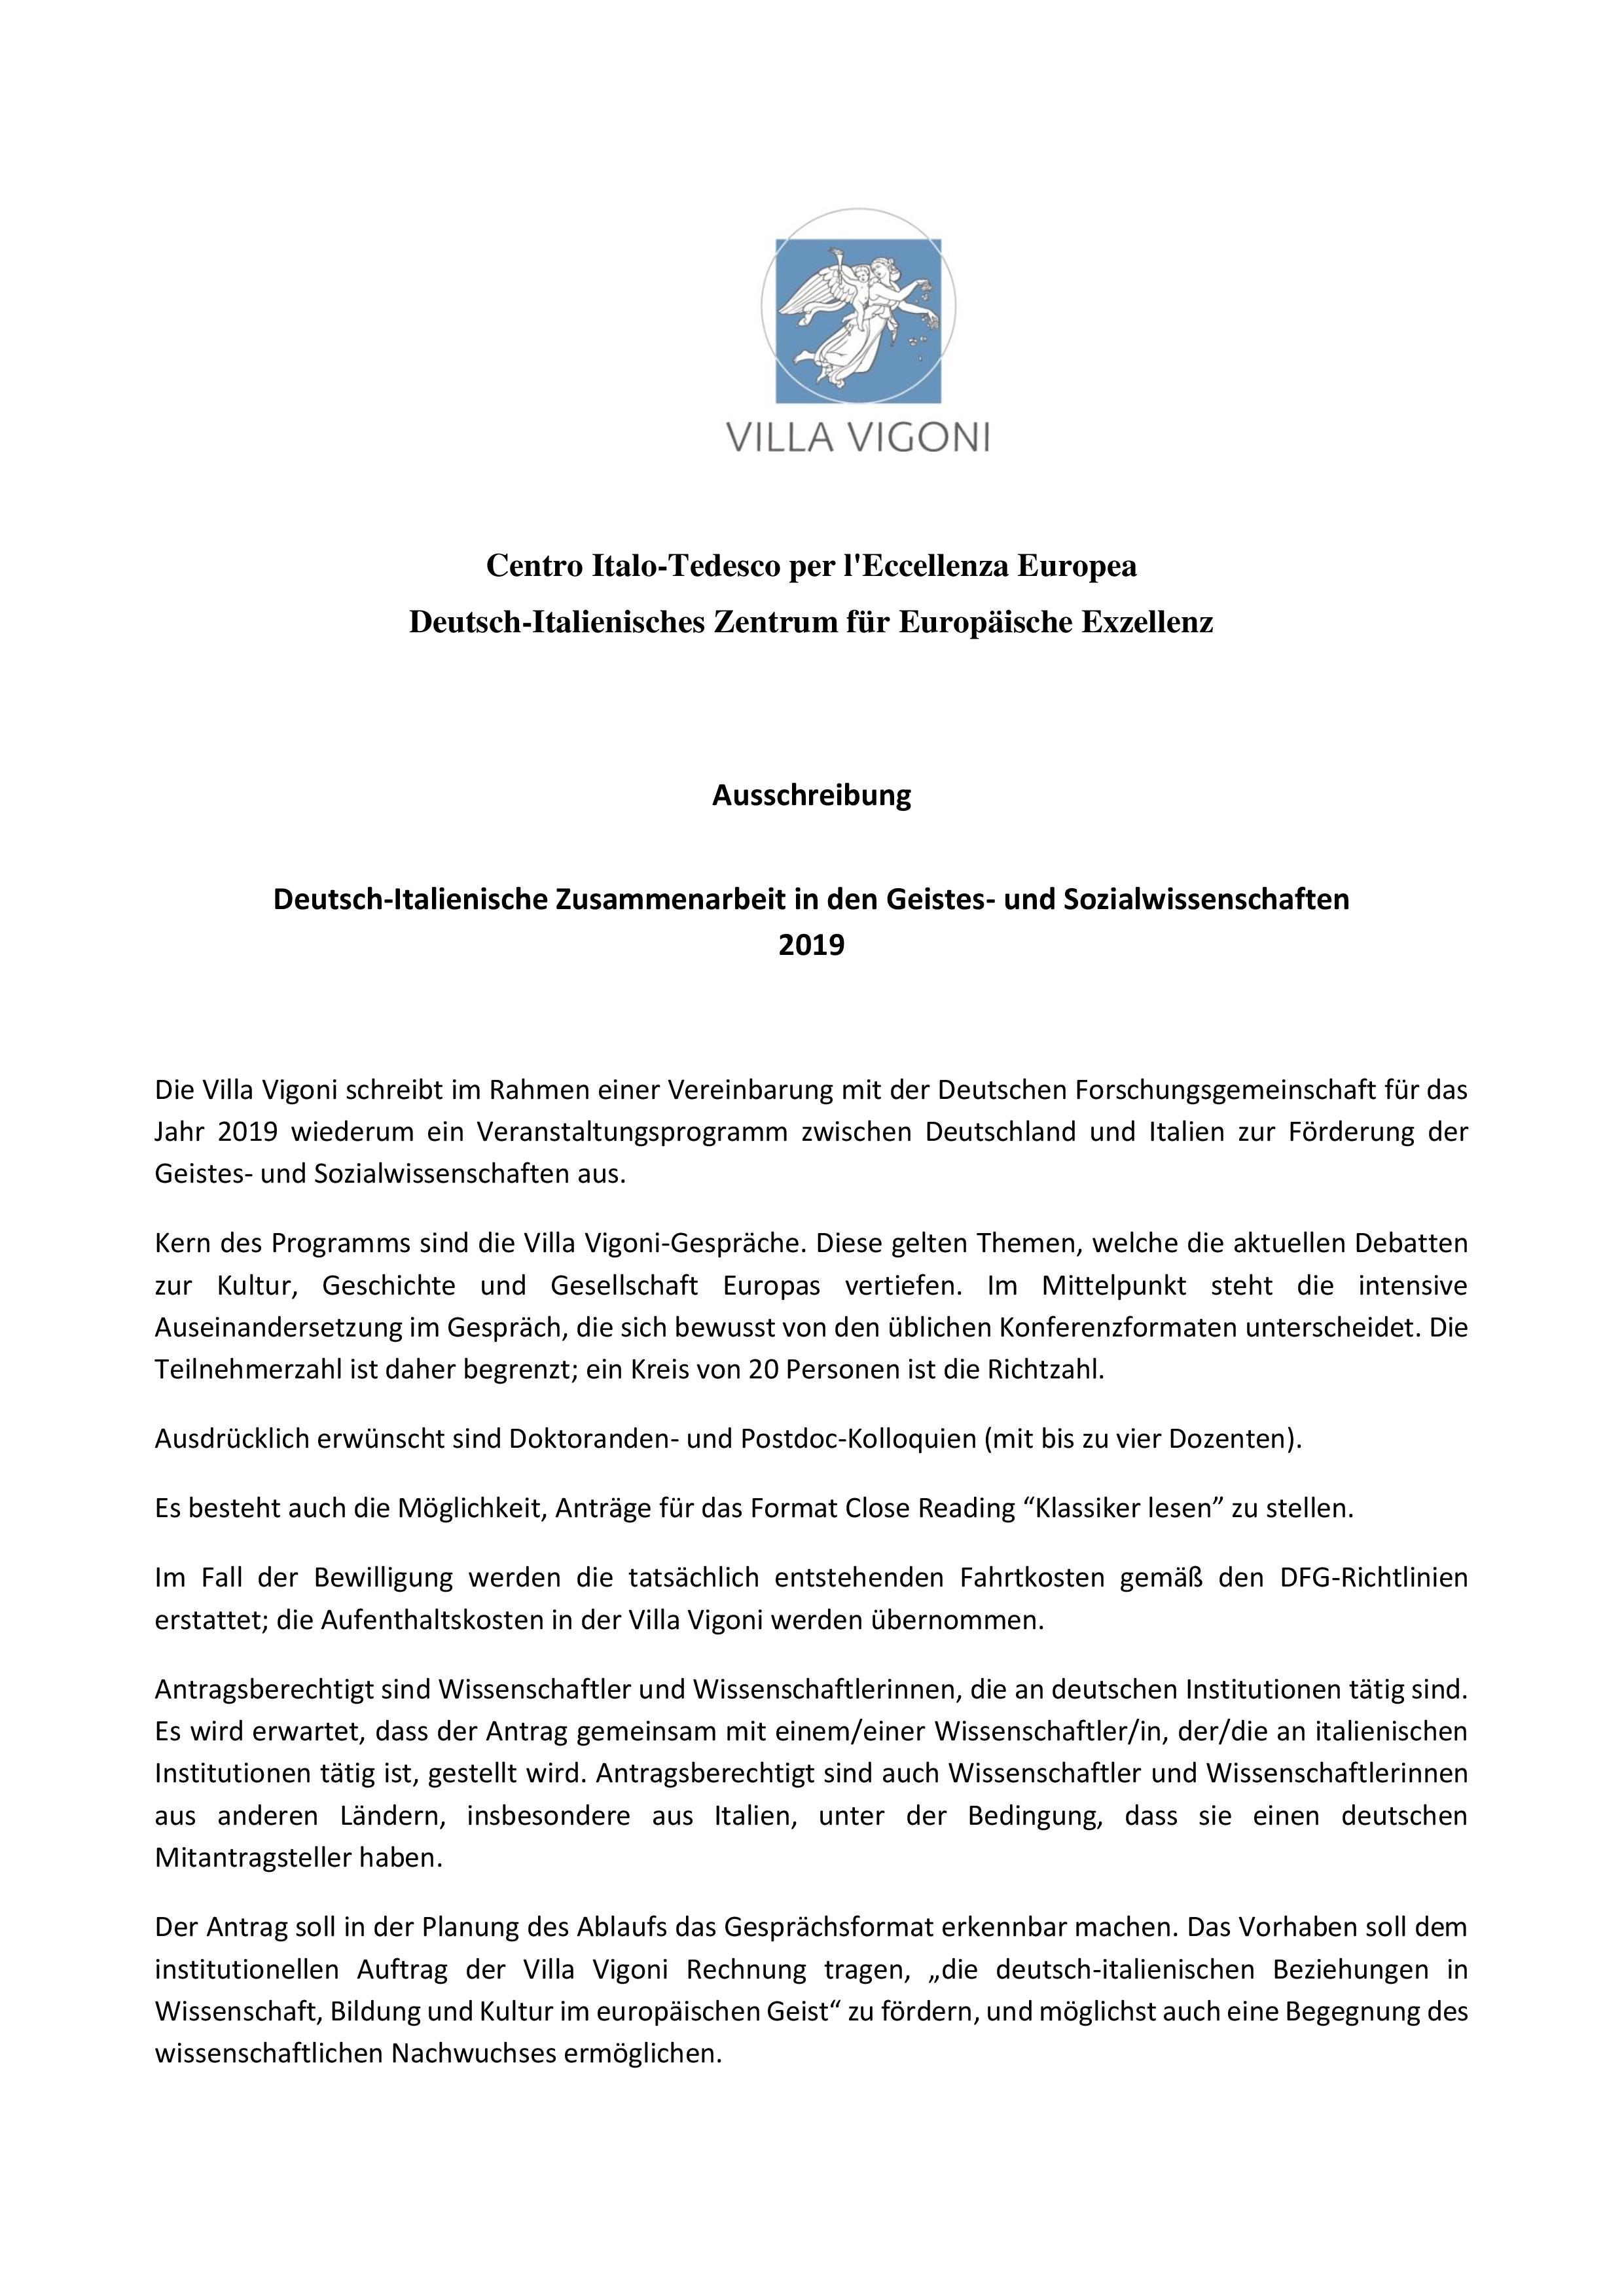 Deutsch-Italienische Zusammenarbeit_2019_AUSSCHREIBUNG-page-001